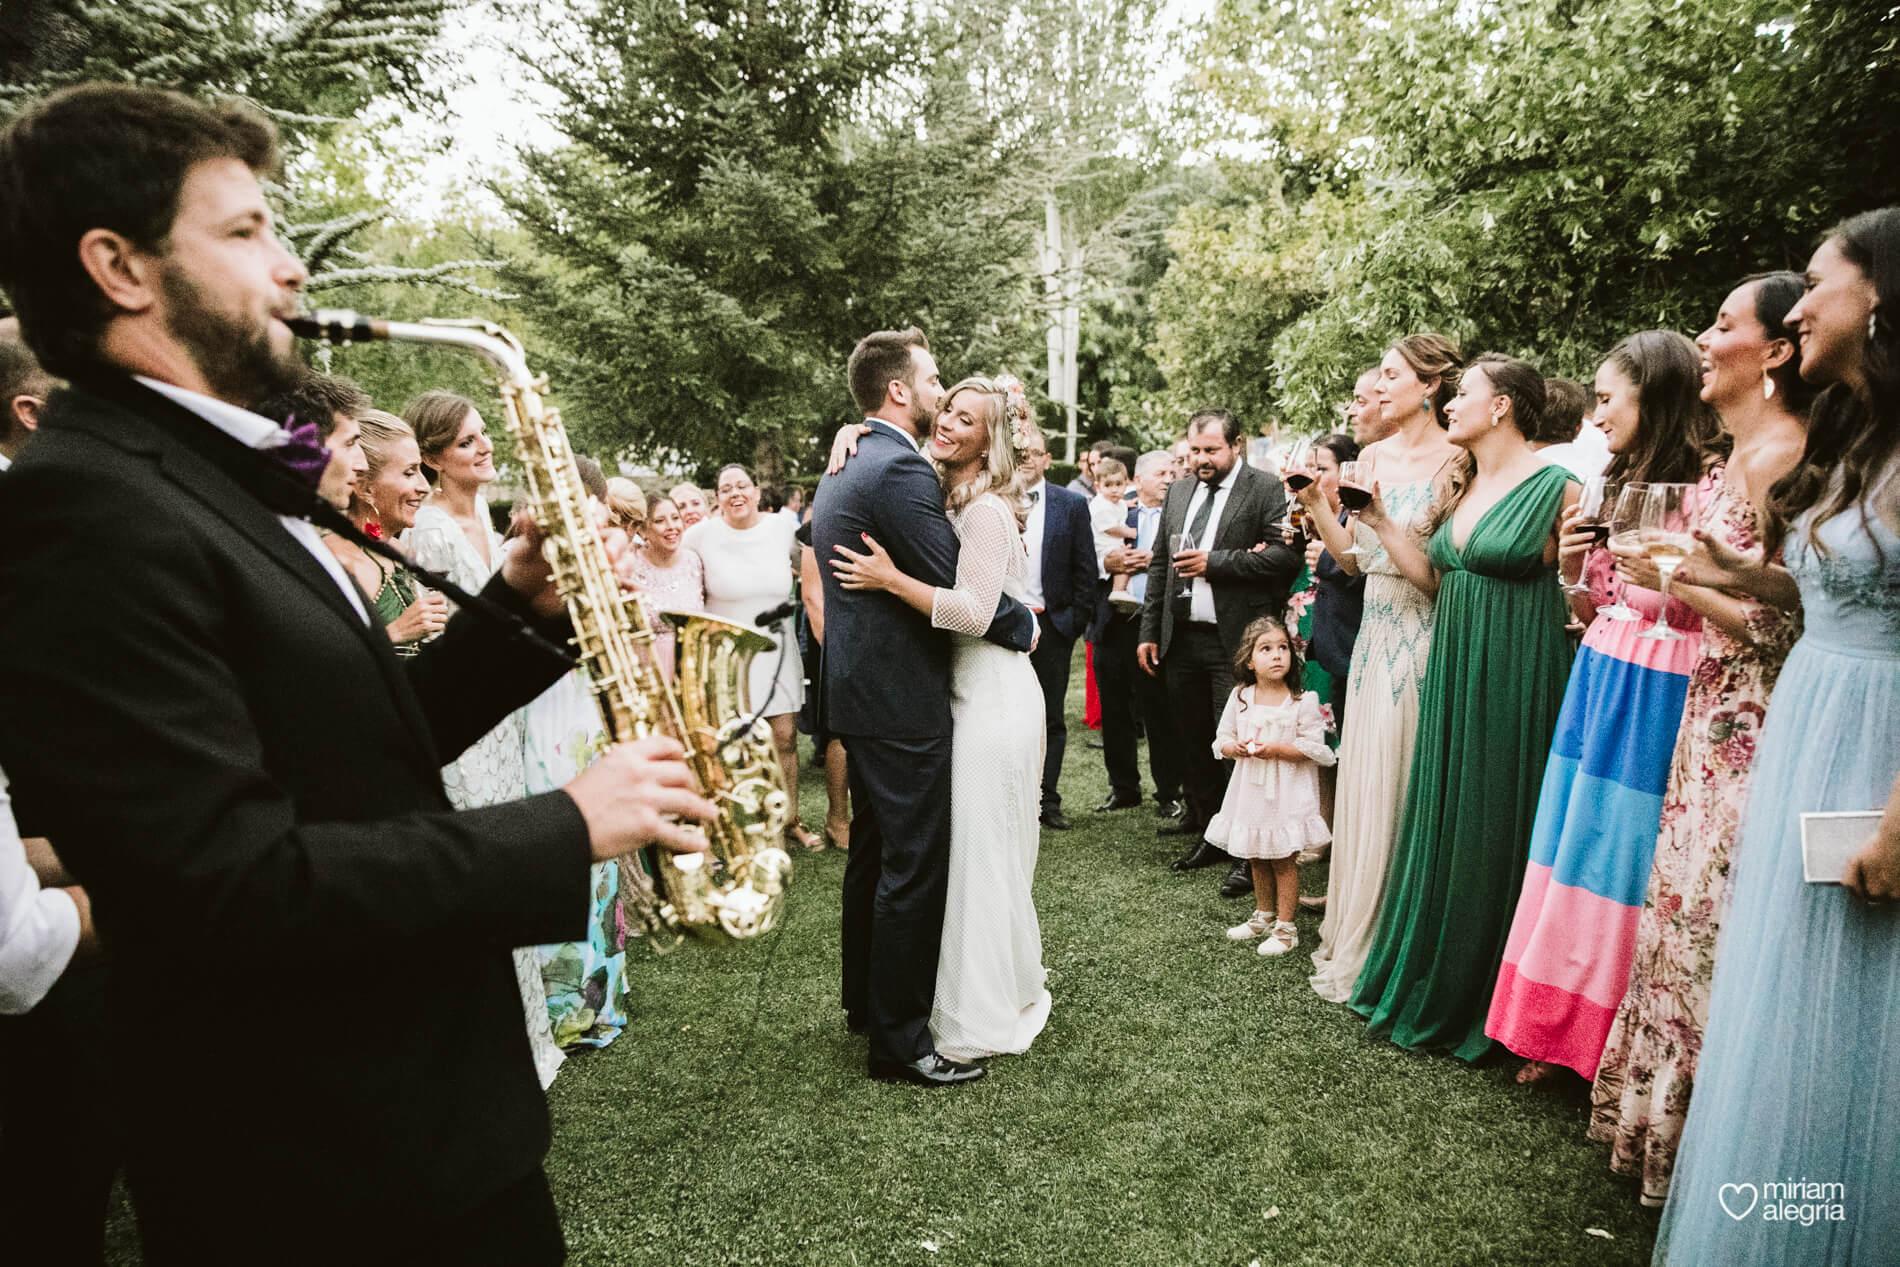 boda-en-collados-miriam-alegria-cayetana-ferrer-101